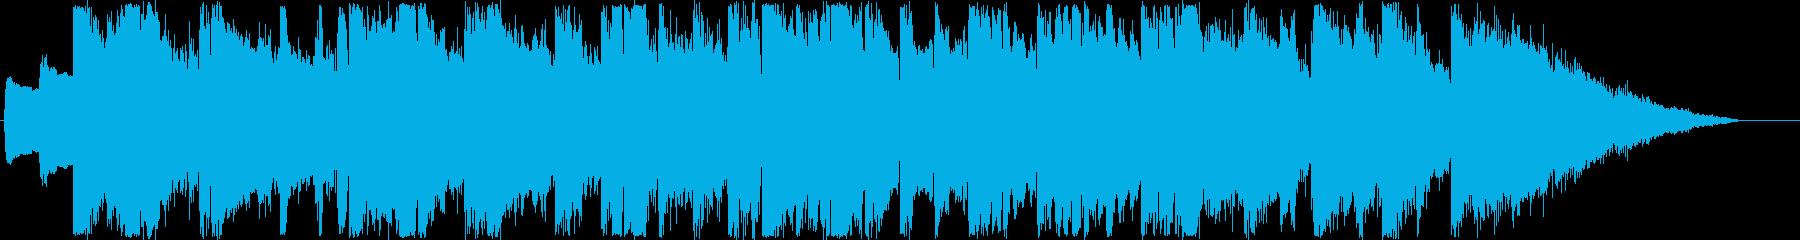 魅惑的なムードのあるショートソングの再生済みの波形